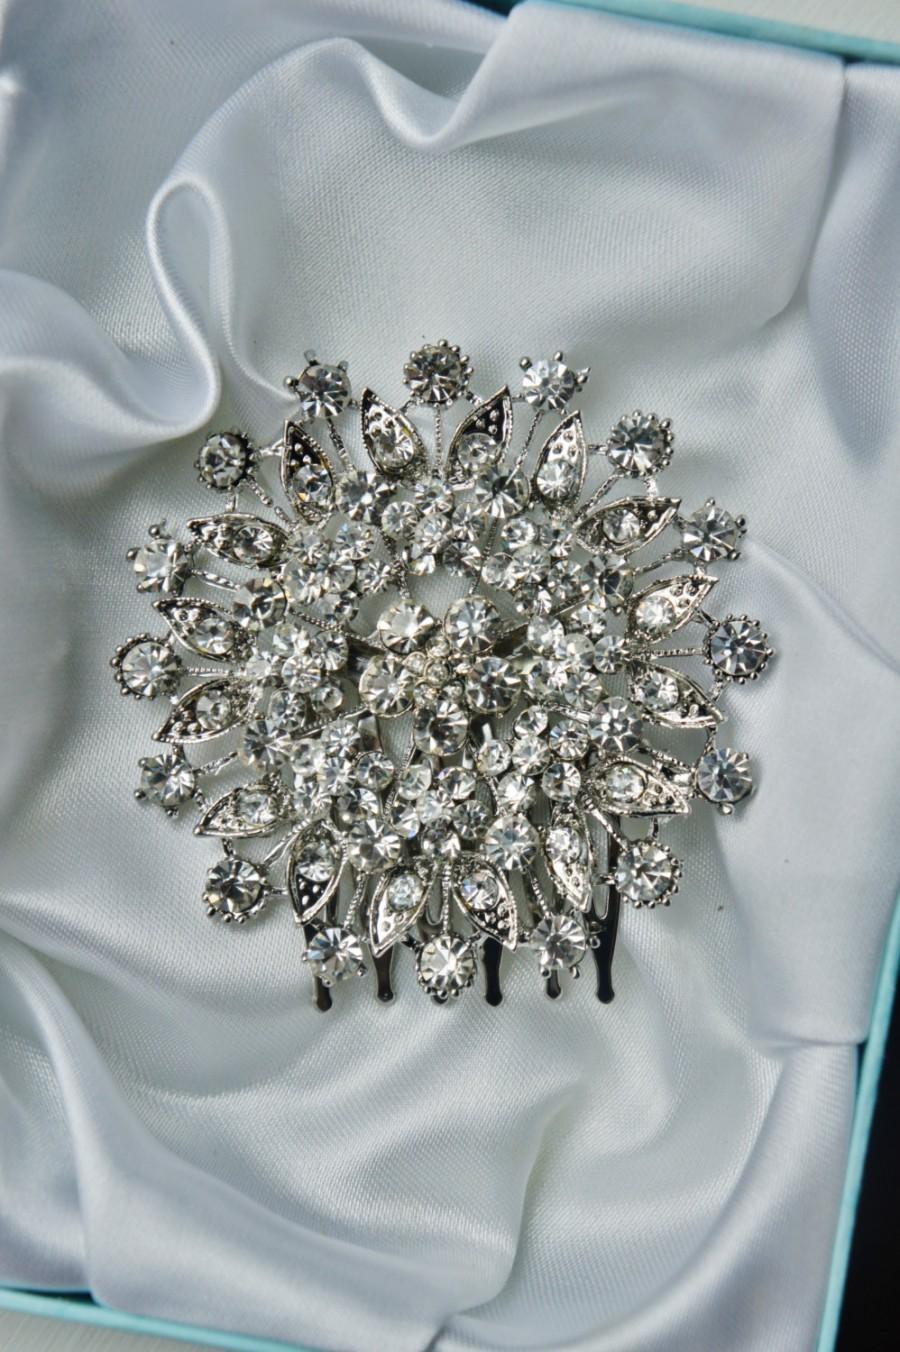 Wedding - Rhinestone Brooch Comb, Big Crystal Brooch Veil Comb, Birdcage Blusher Or Bandeau Choice, Custom Veil